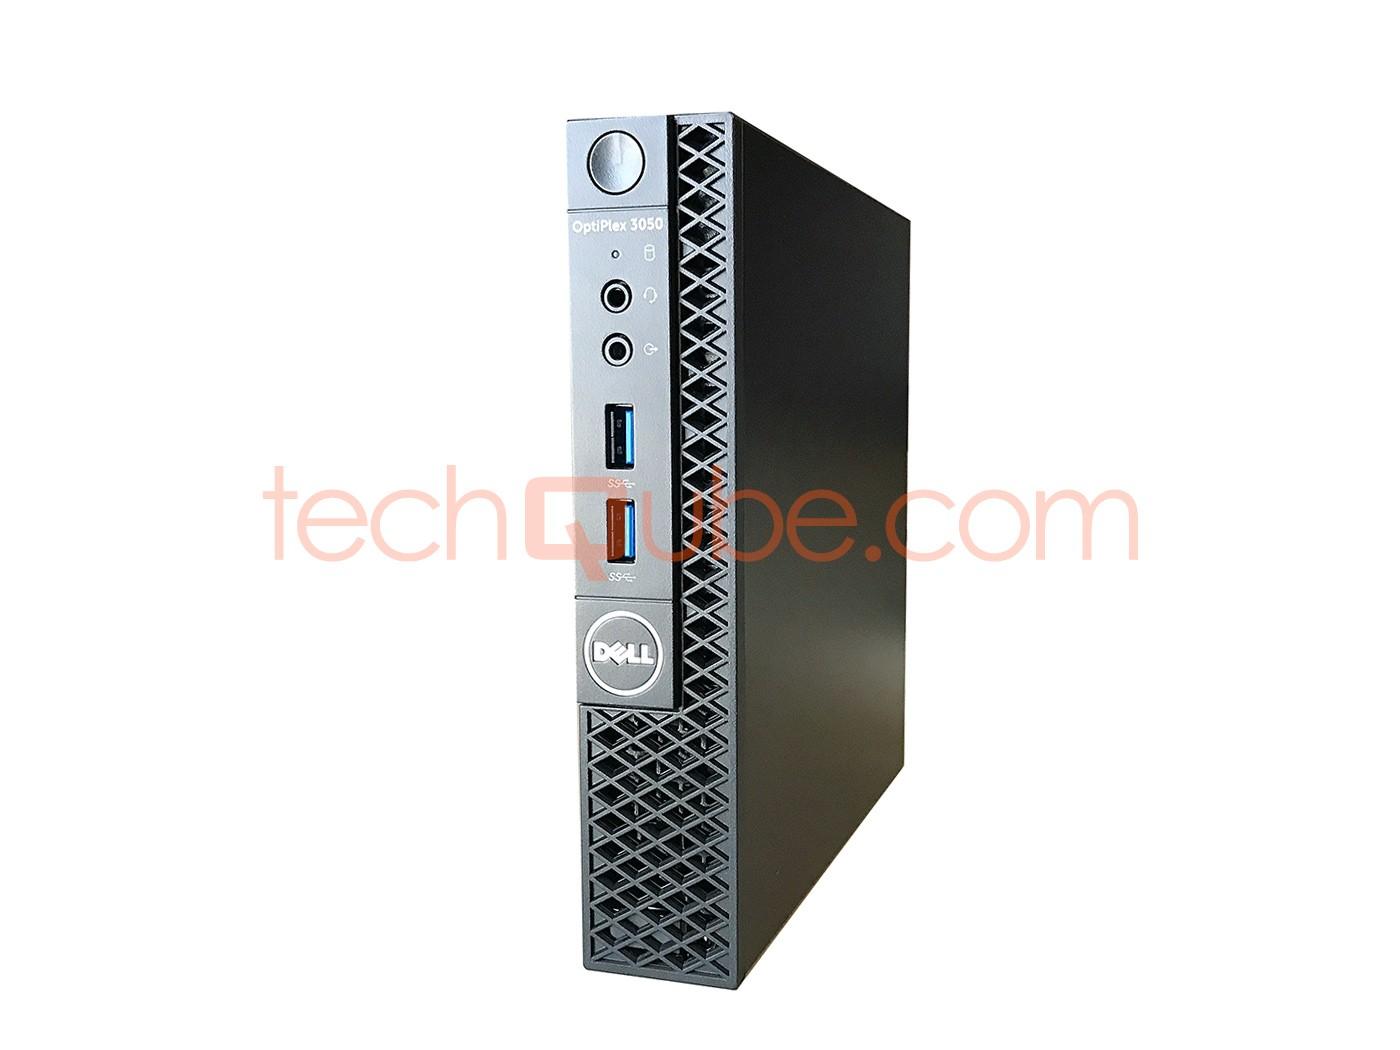 DELL OptiPlex Micro 3050 Quad-Core i5-7500T 2 7GHz 8GB DDR4 256GB